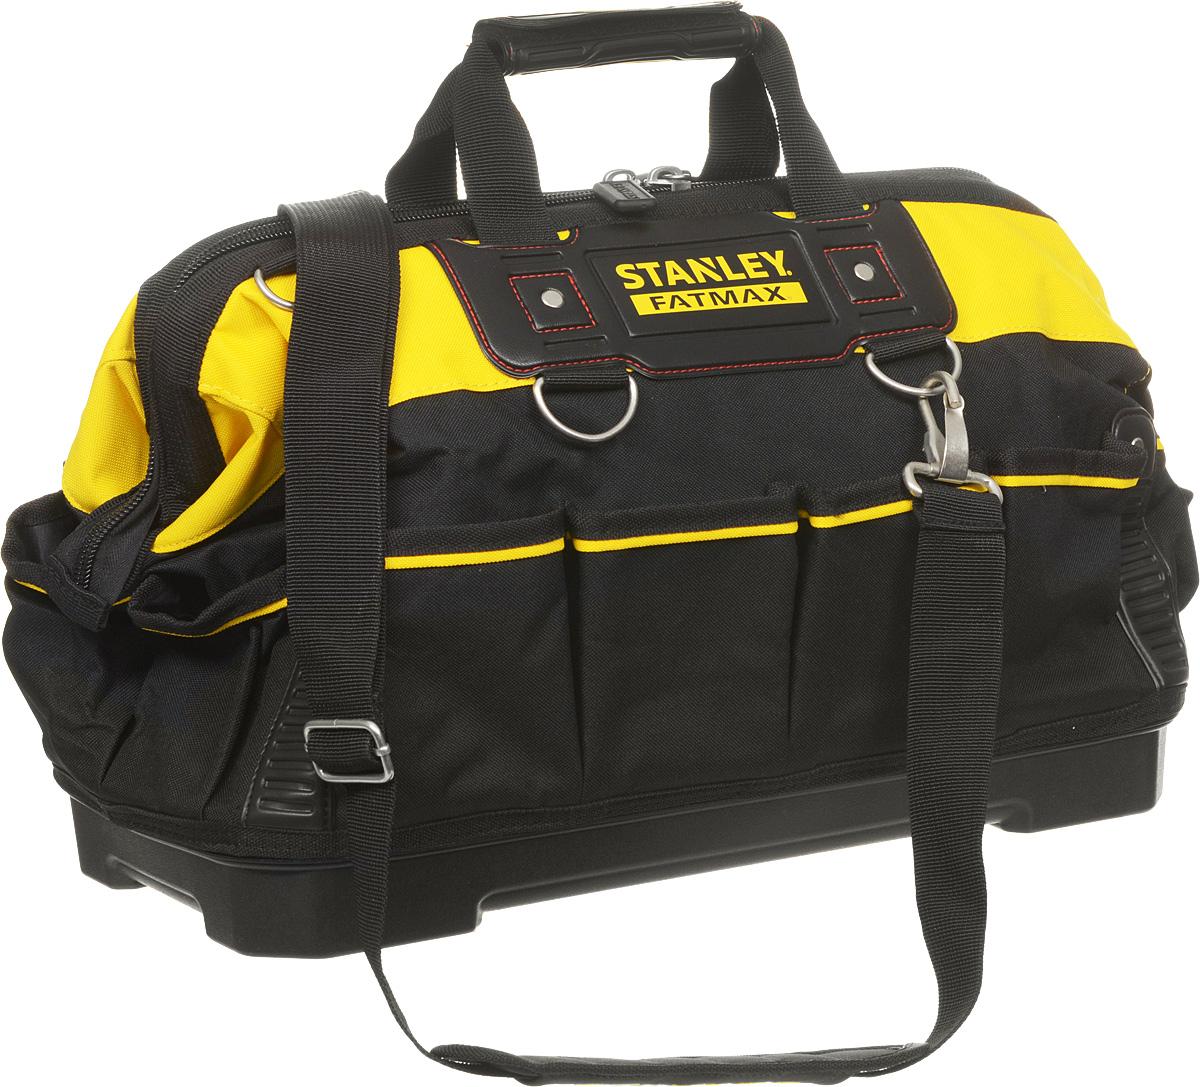 Сумка для инструментов Stanley FatMax, 18 сумка рыбака tplus 600 цвет цифра 40 x 22 x 24 см